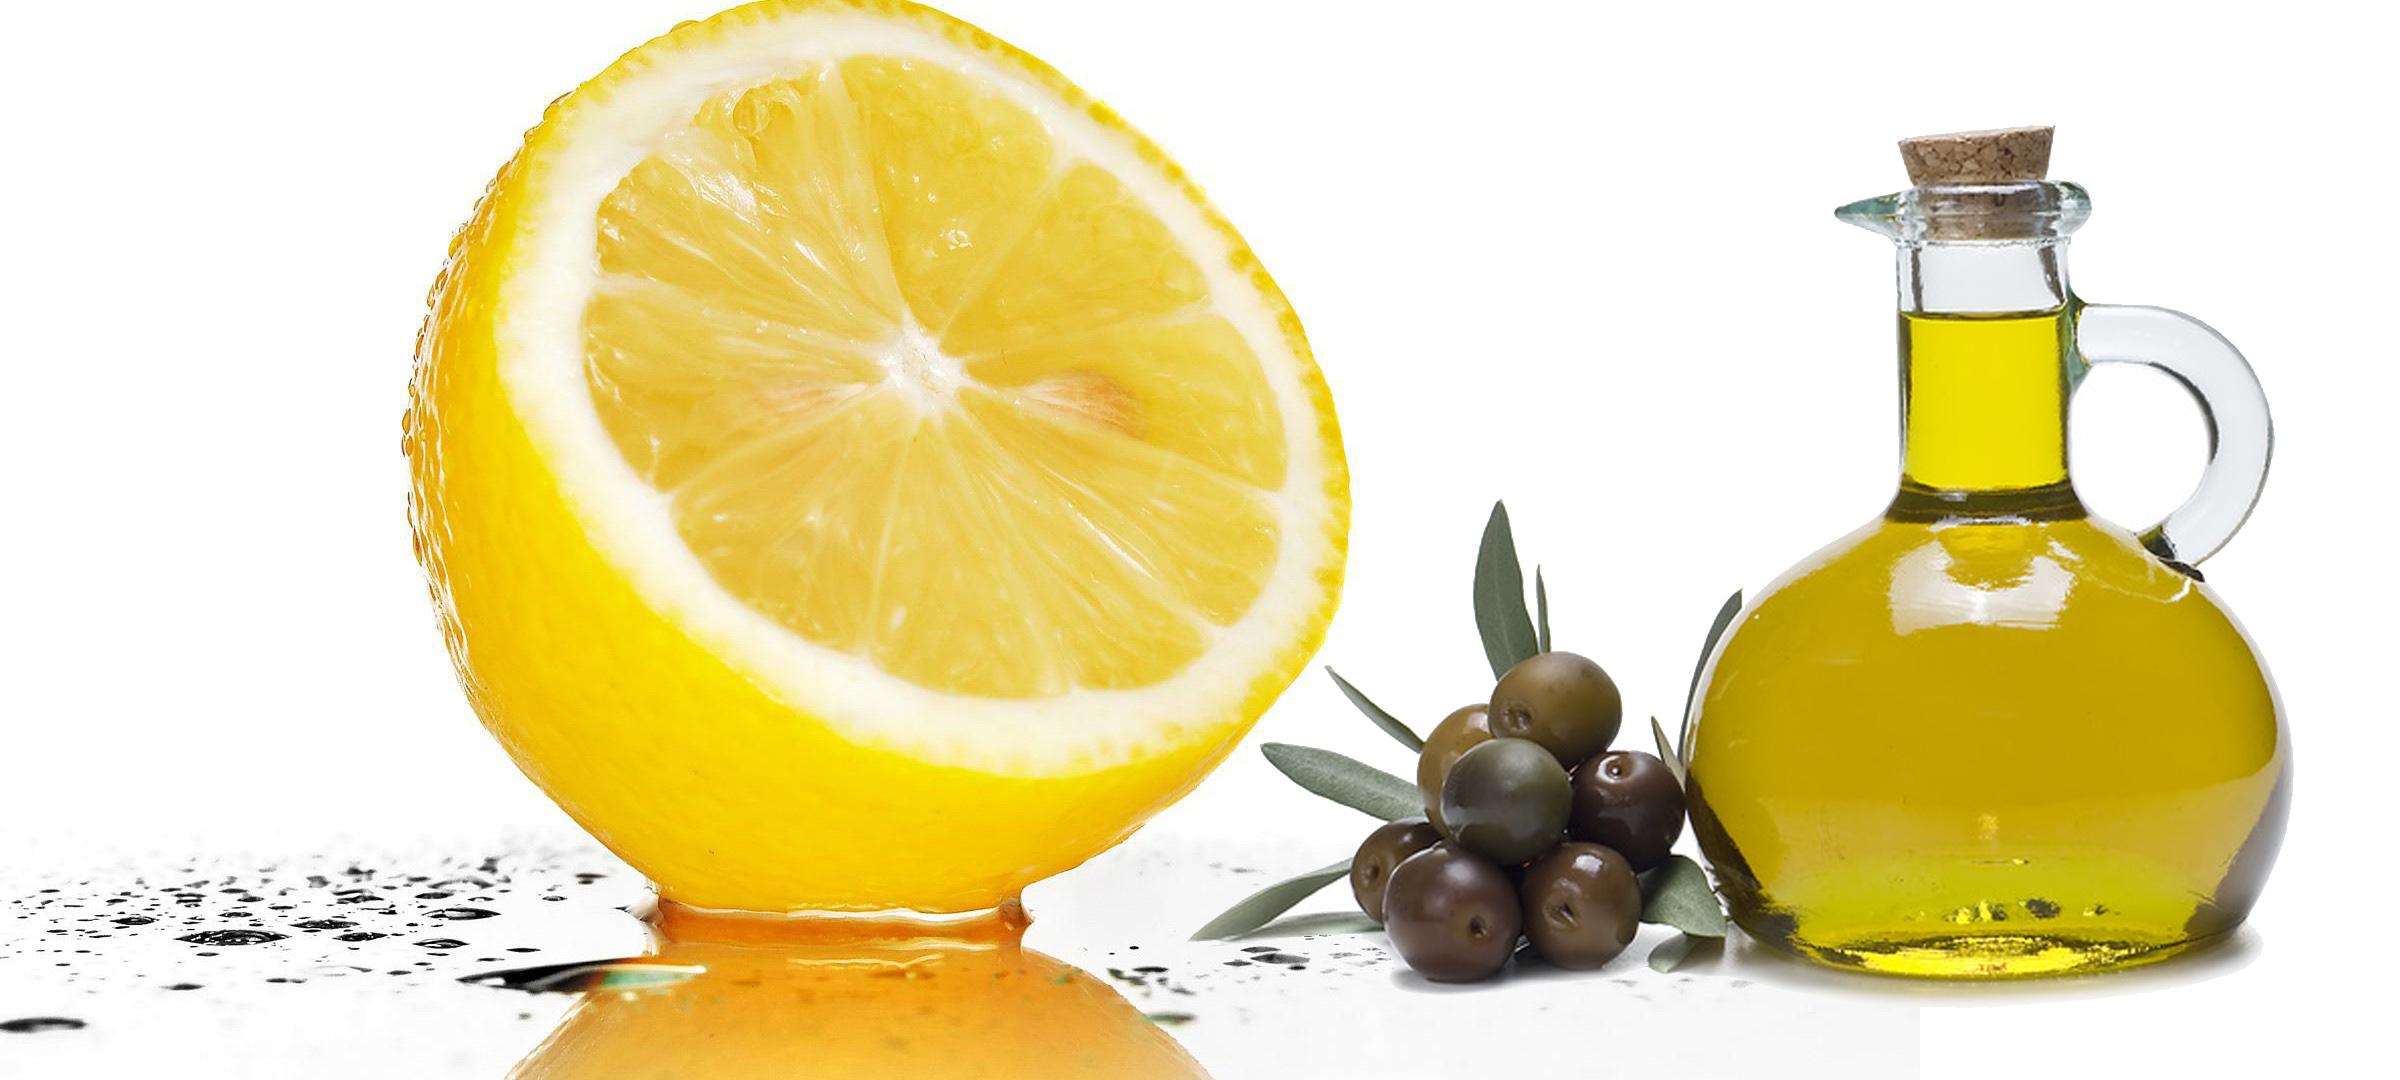 le citron et l huile d olive pour soulager les douleurs articulaires astuces maquillage. Black Bedroom Furniture Sets. Home Design Ideas